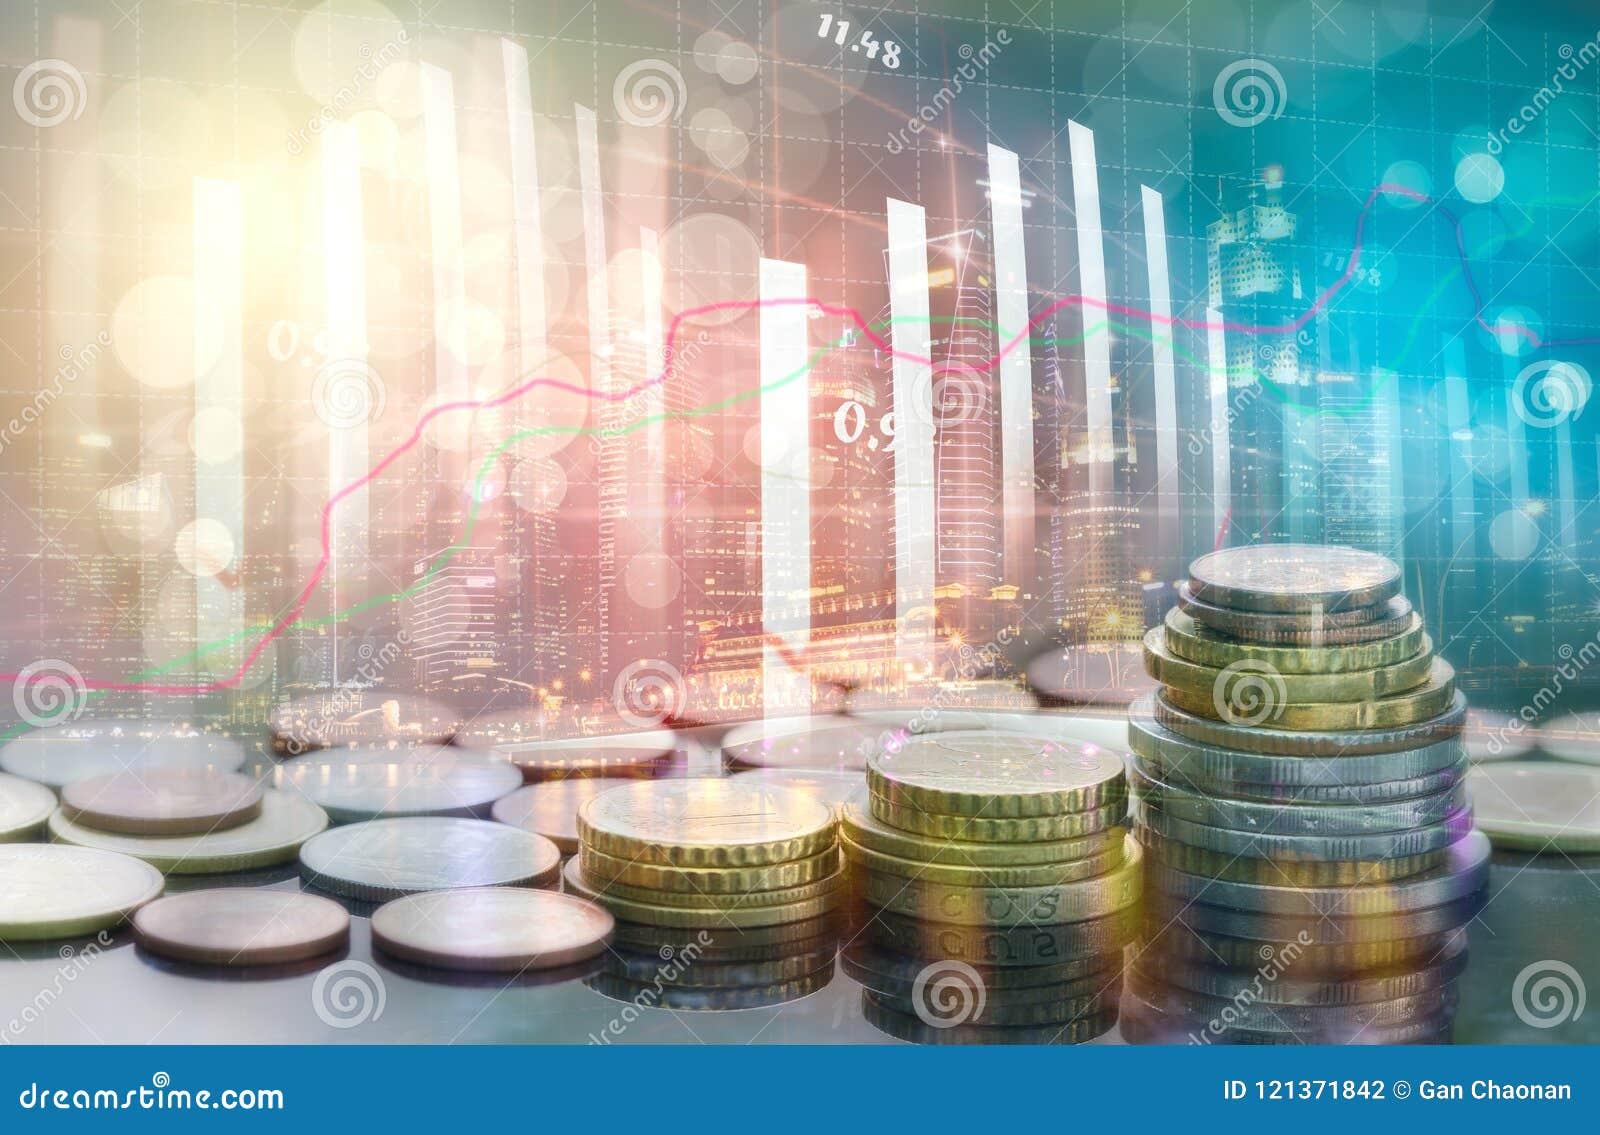 股市或外汇贸易的图表和烛台绘制适用于图表金融投资概念